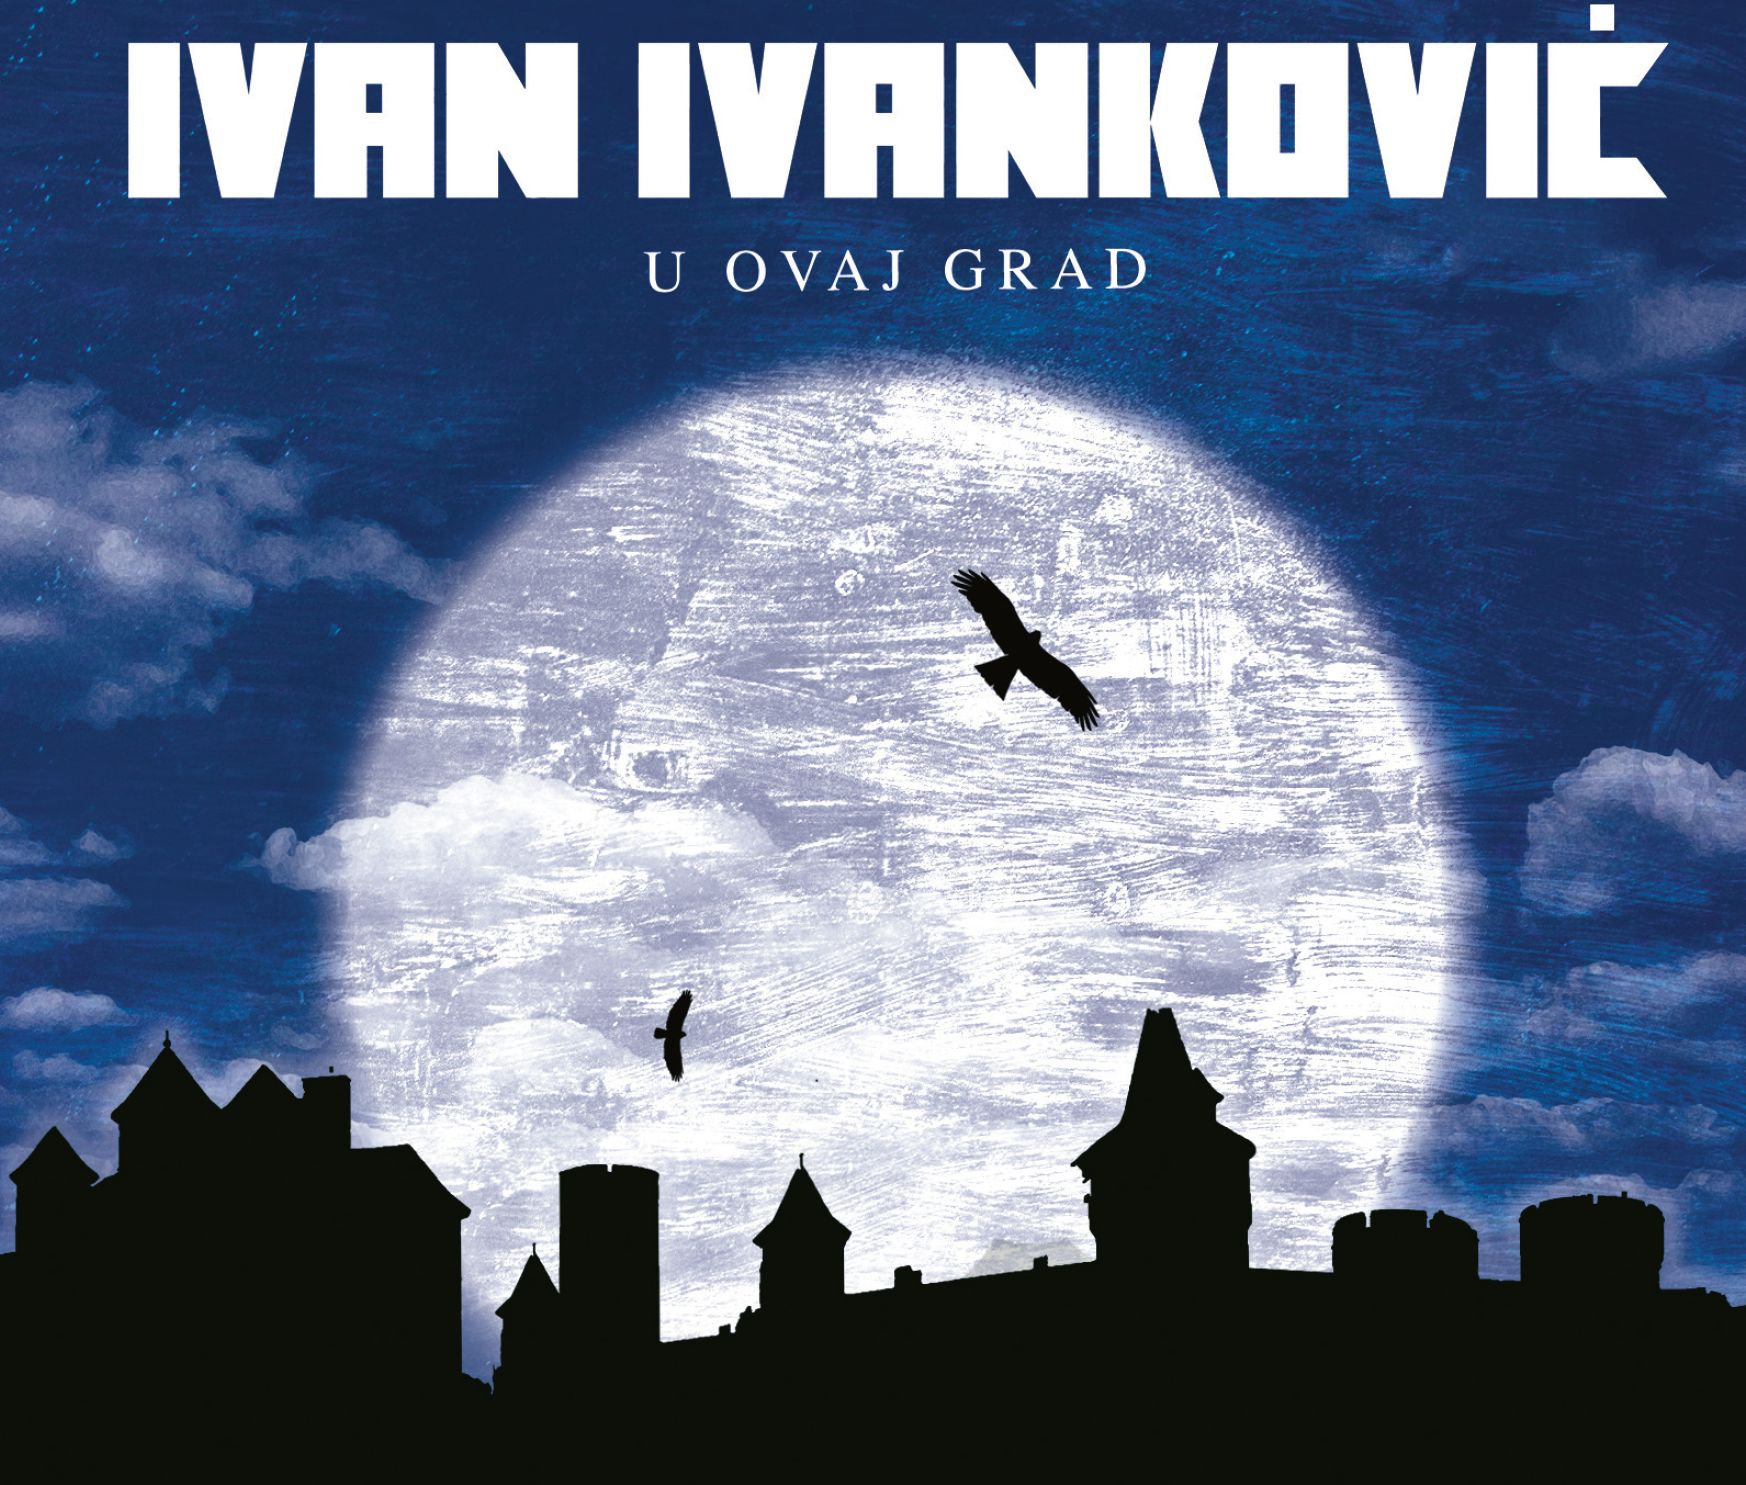 """Kantautor, pjevač i gitarist Ivan Ivanković objavio studijski album """"U ovaj grad"""""""